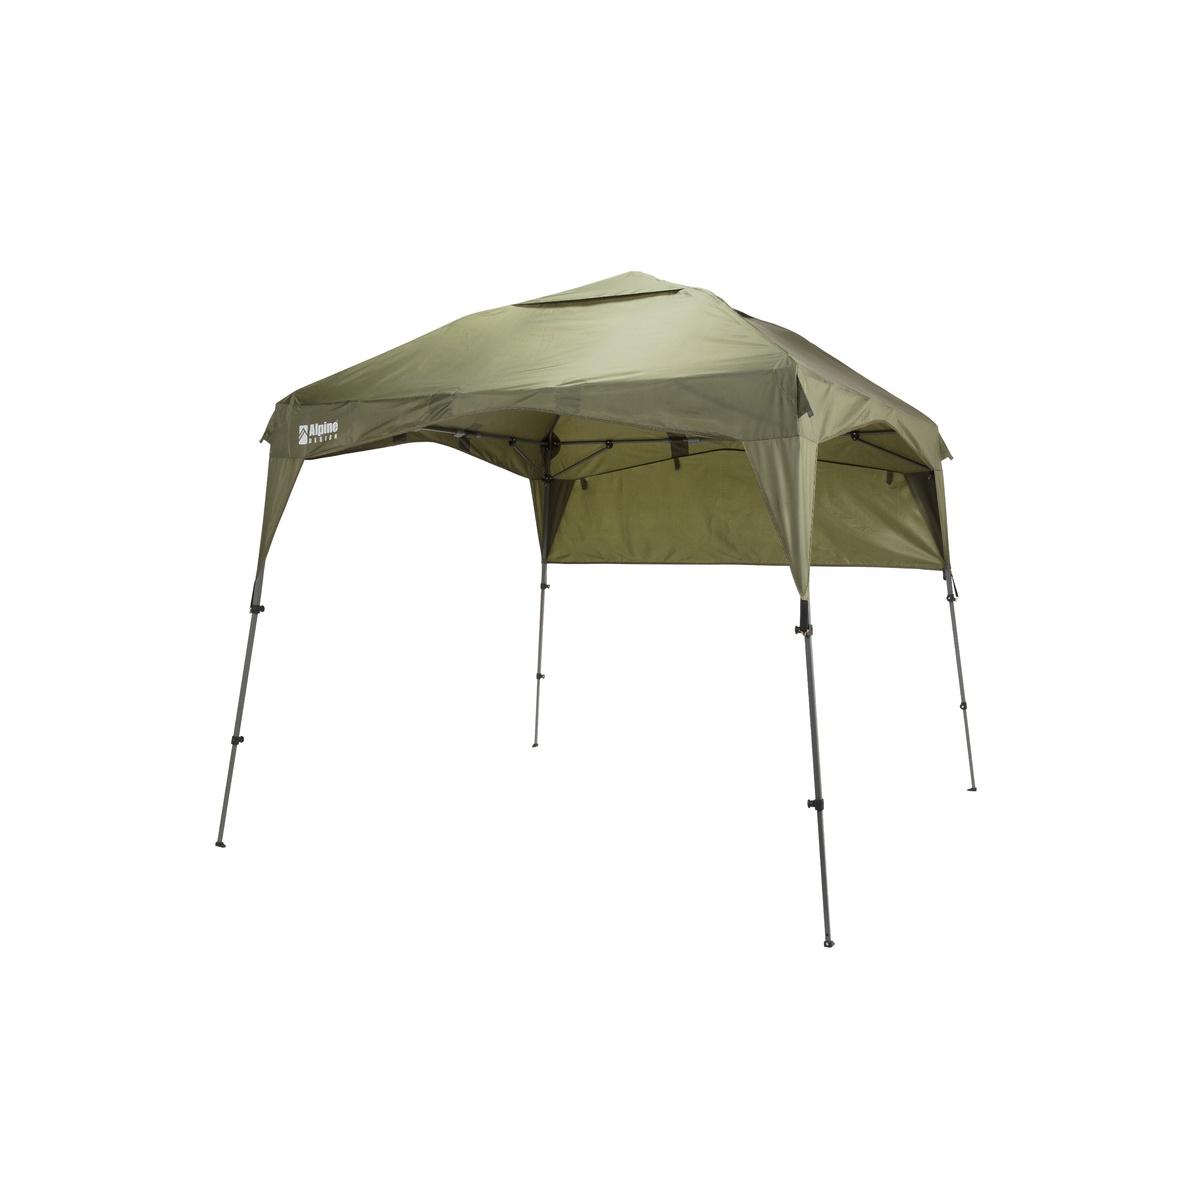 ● 【送料無料】 Alpine DESIGN (アルパインデザイン) キャンプ用品 ファミリータープ イージータープ 250 ワンハーフキャノピー コンパクト ダークグリーン AD-S18-402-056